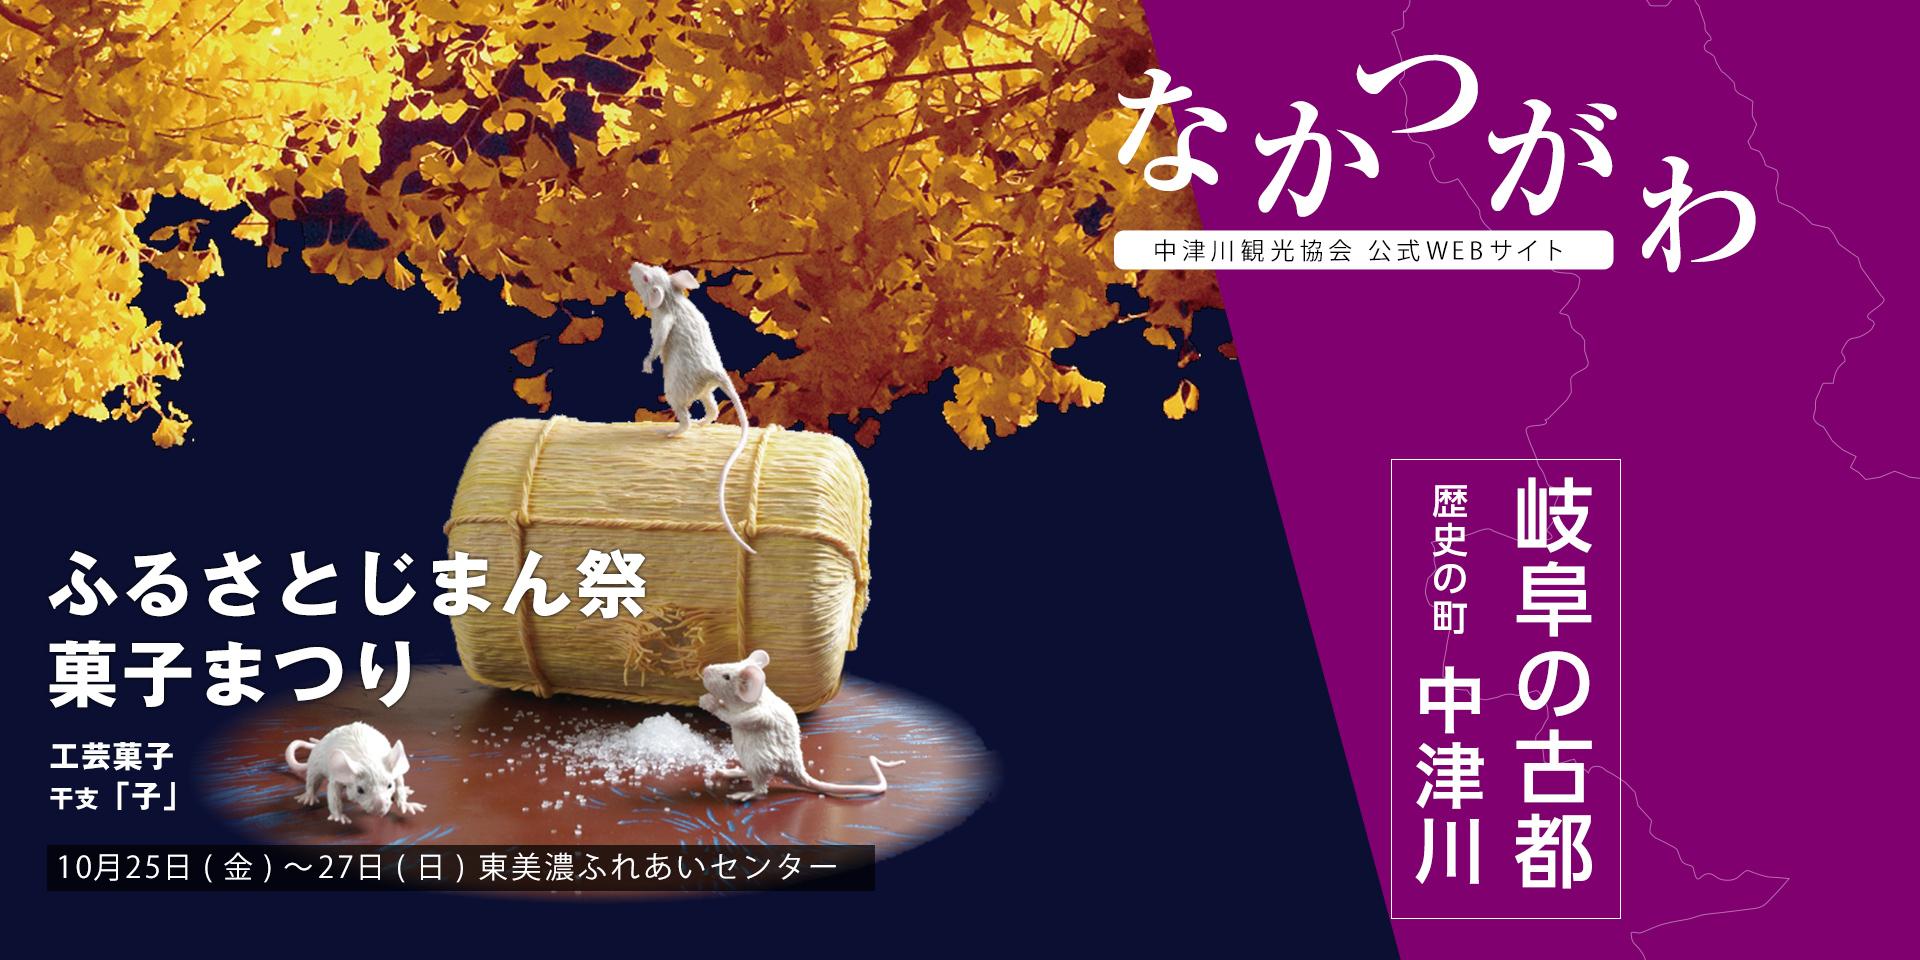 「ふるさとじまん祭 菓子まつり」10月25日(金)~27日(日) 東美濃ふれあいセンターにて開催!